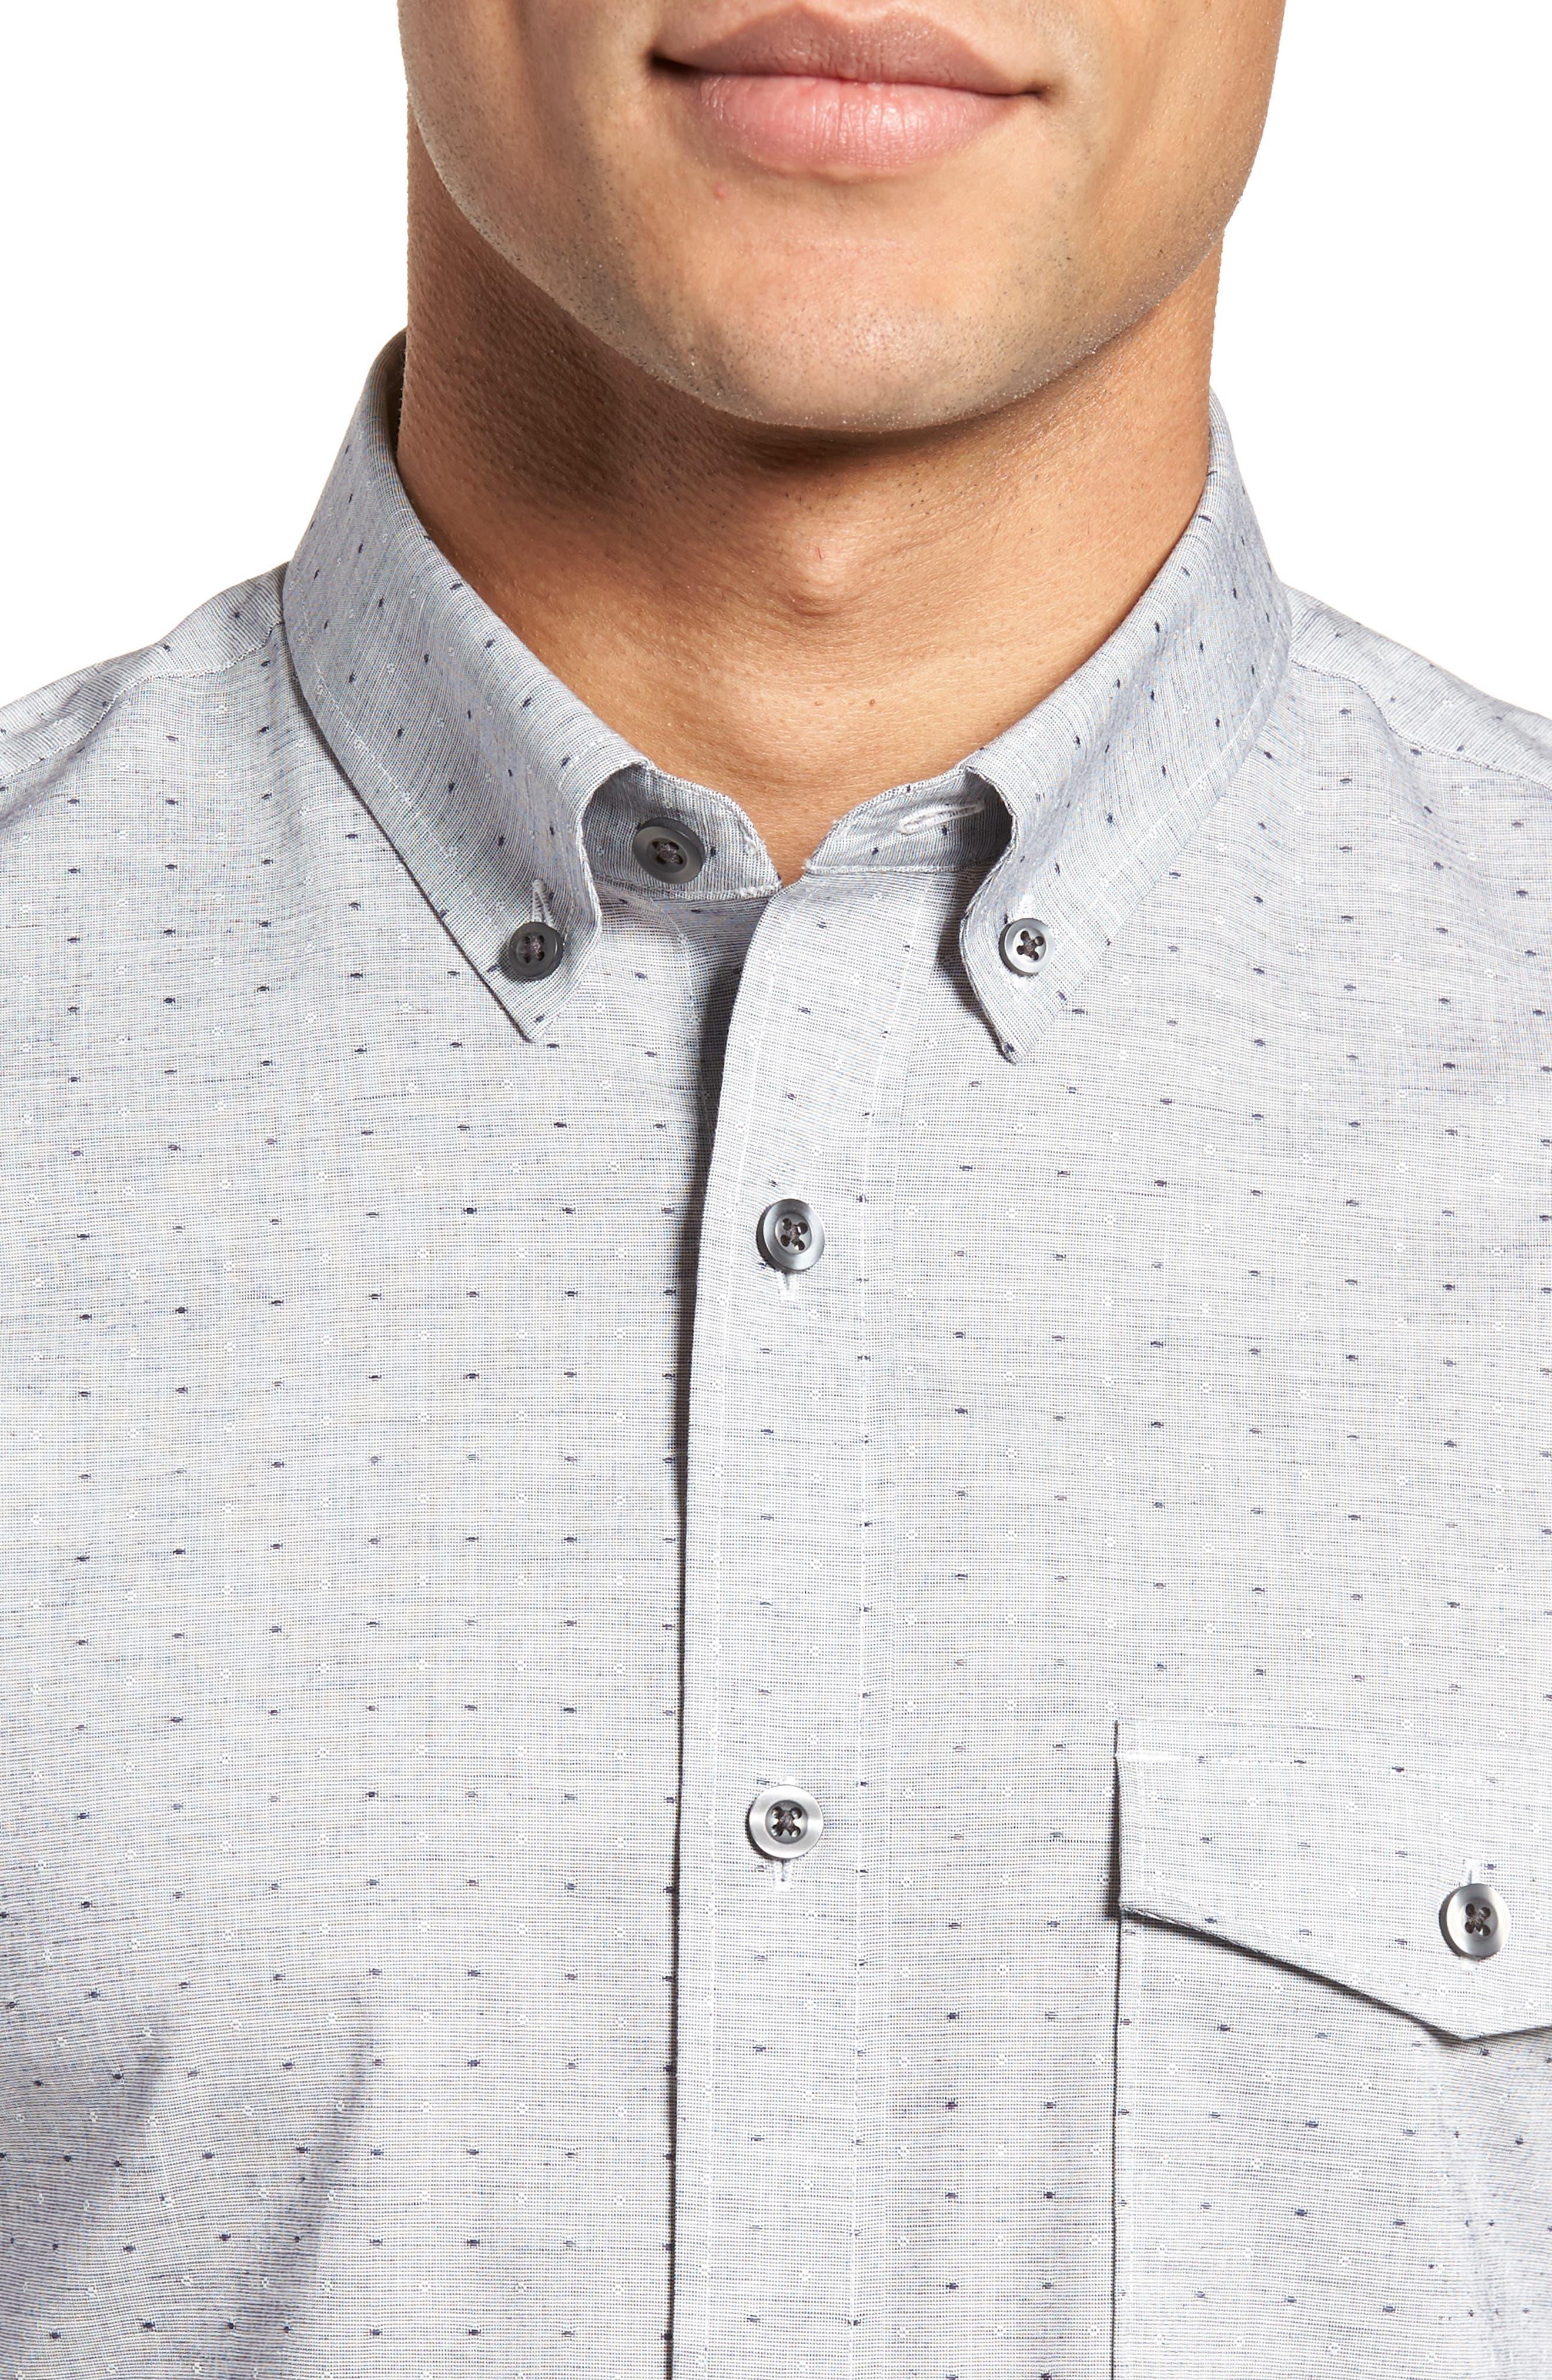 Trim Fit Dobby Sport Shirt,                             Alternate thumbnail 2, color,                             Navy White Eoe Dobby